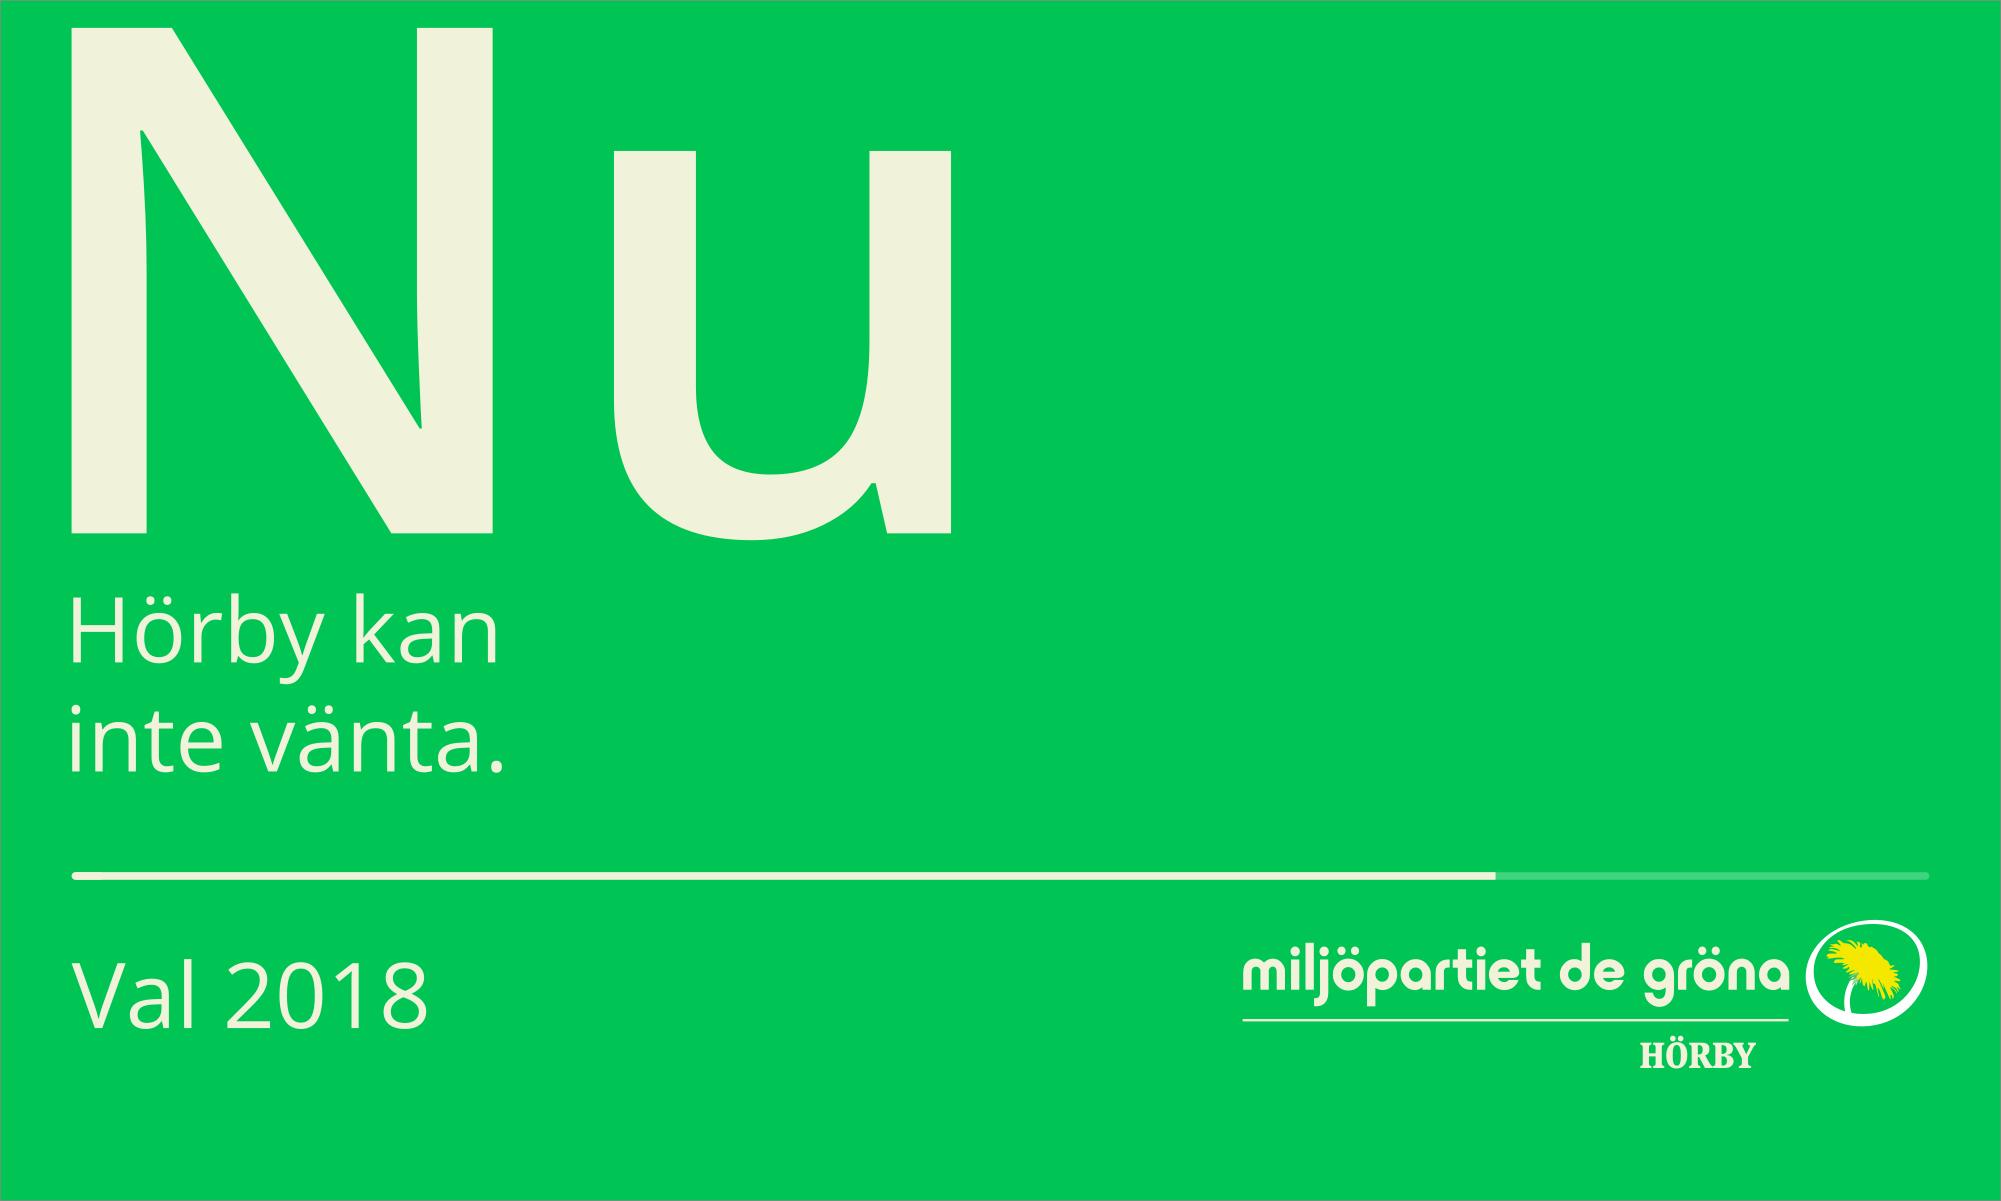 Miljöpartiet det gröna i Hörby